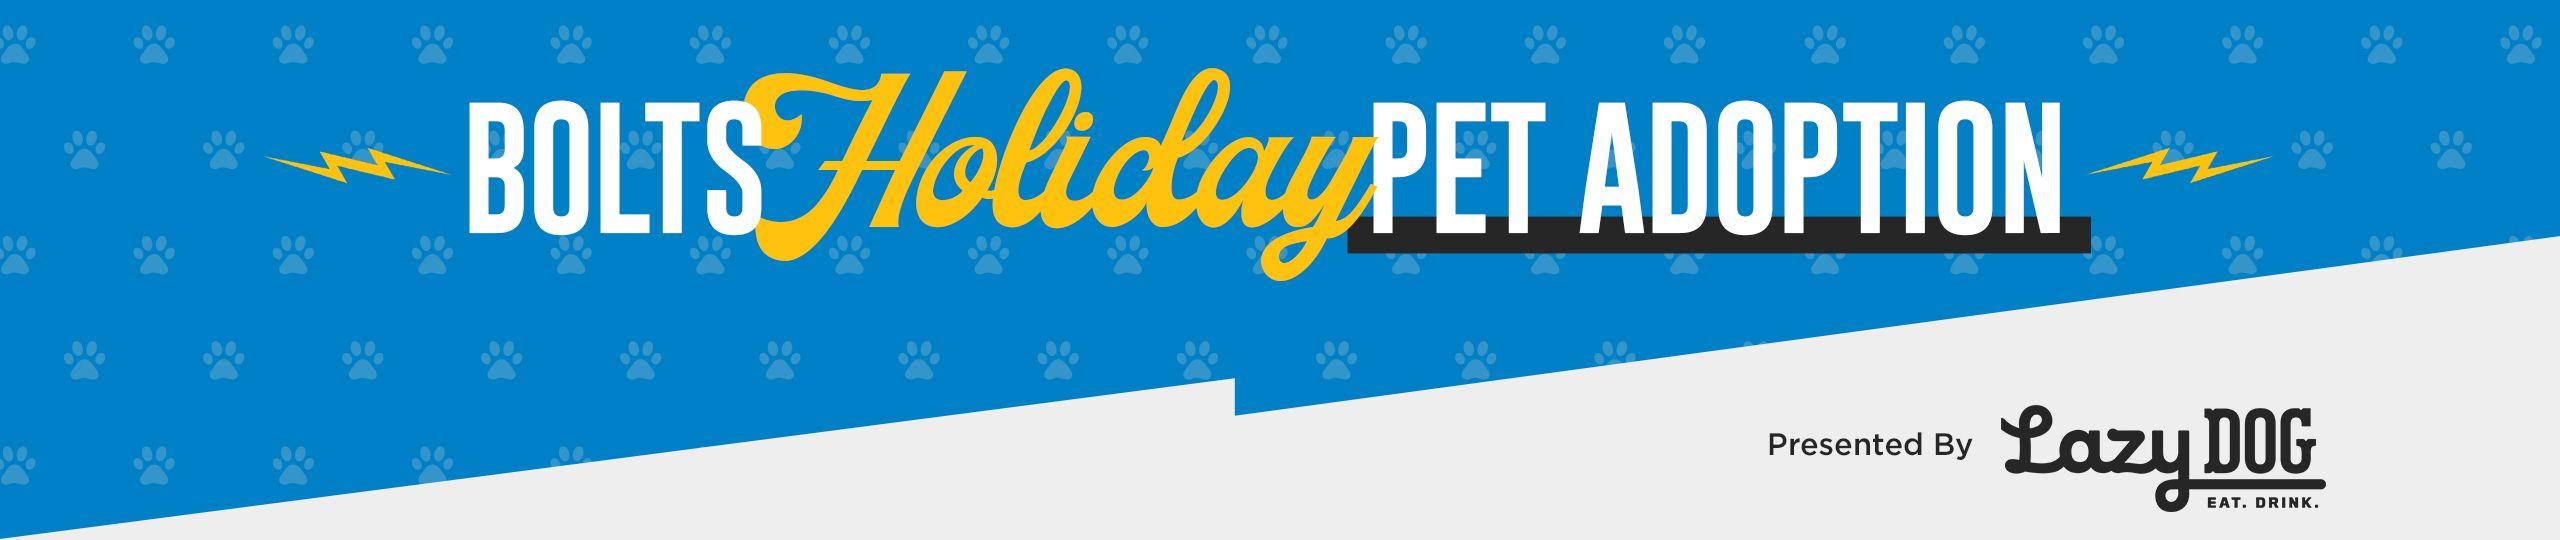 201210_Virtual_Pet_Adoption_Holiday_Header